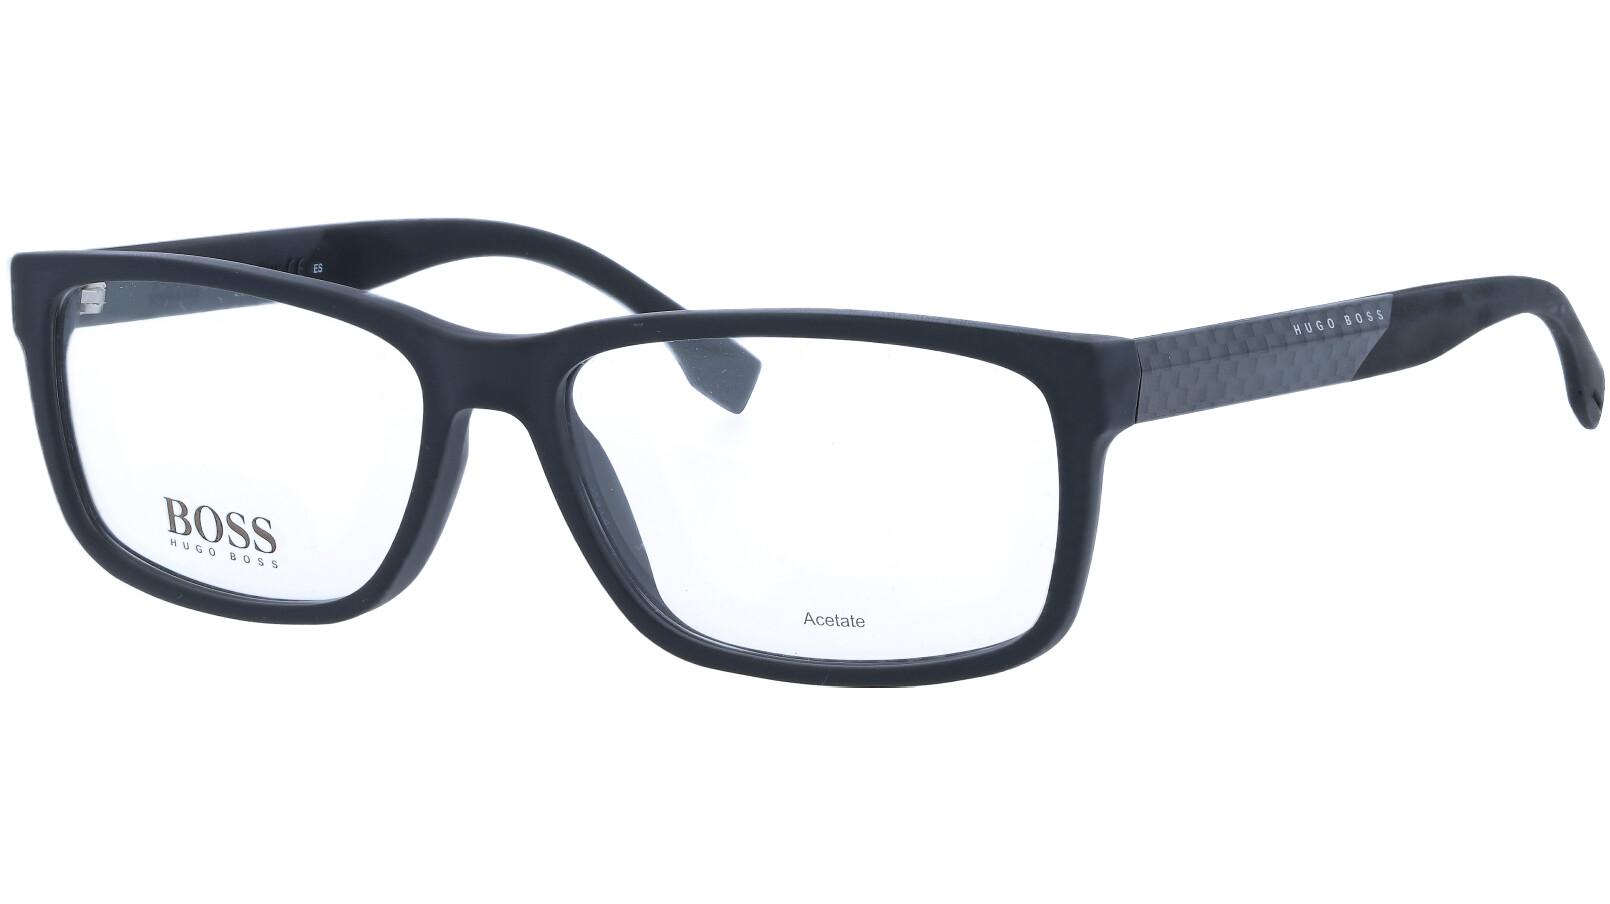 Hugo Boss BOSS0836 HXE 58 Black Glasses